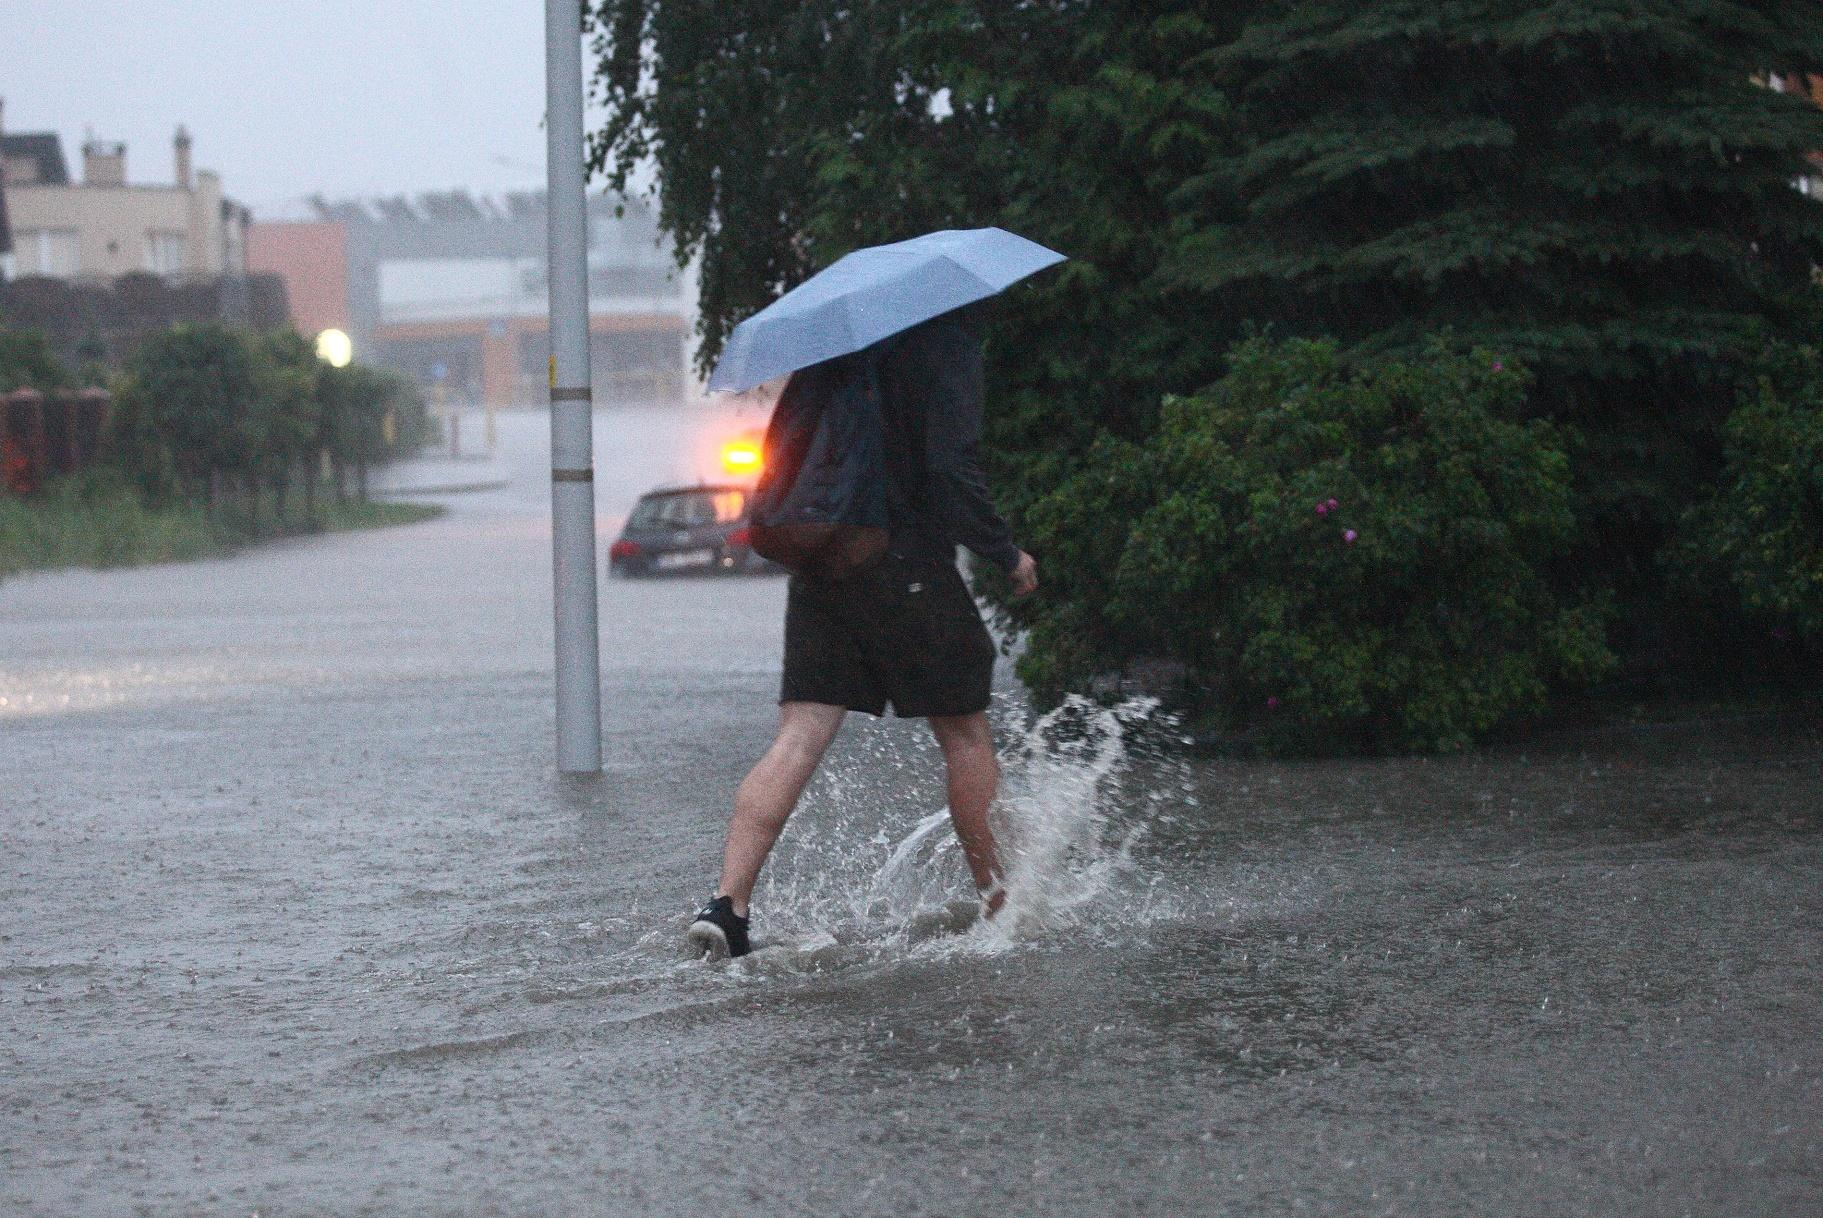 Além de representar uma economia na conta, o uso de água de chuva nas residências reduz as chances de inundações nas cidades. Foto de Michal Fludra/NurPhoto